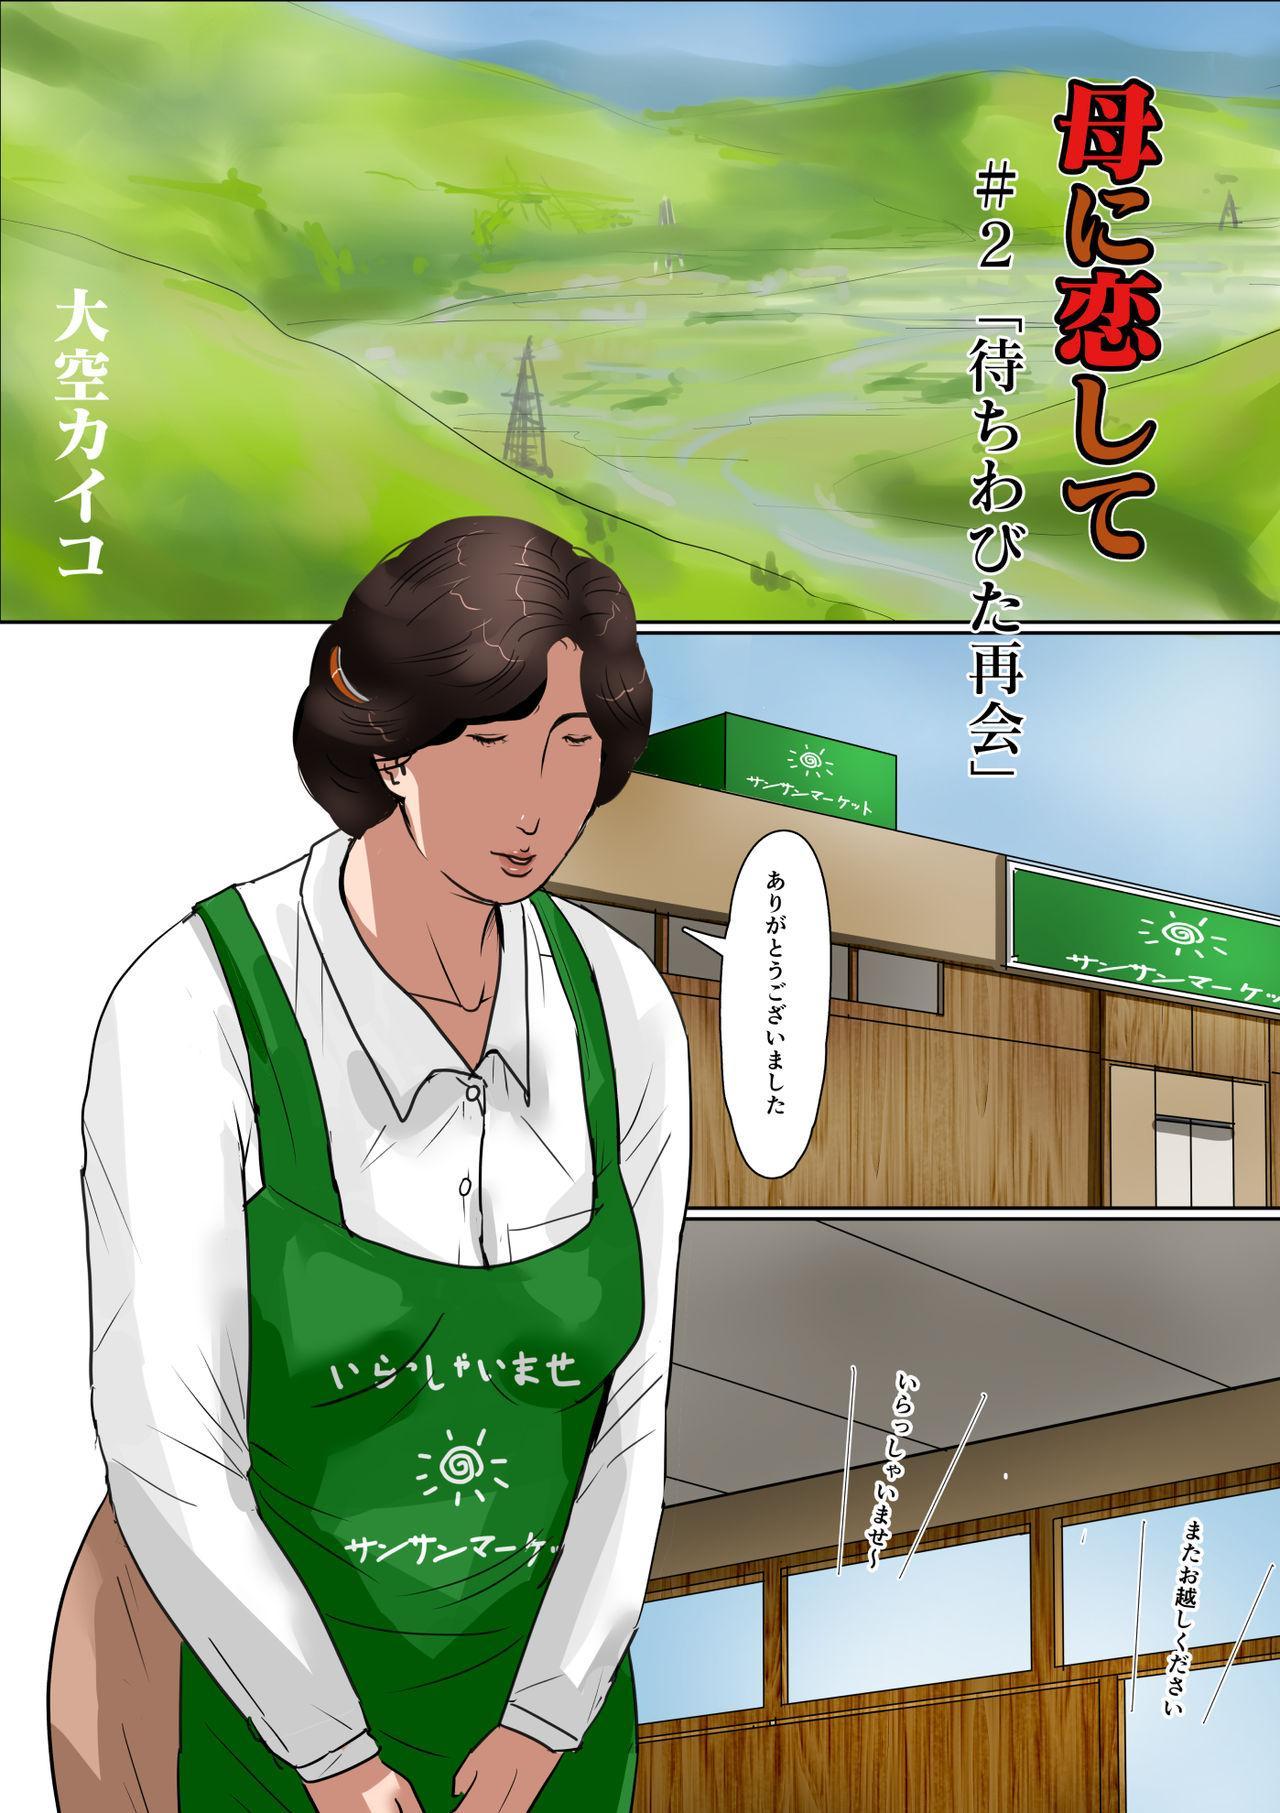 [Oozora Kaiko (kaiko)] Haha ni Koishite ~Wakare no Mae ni~ 2 2